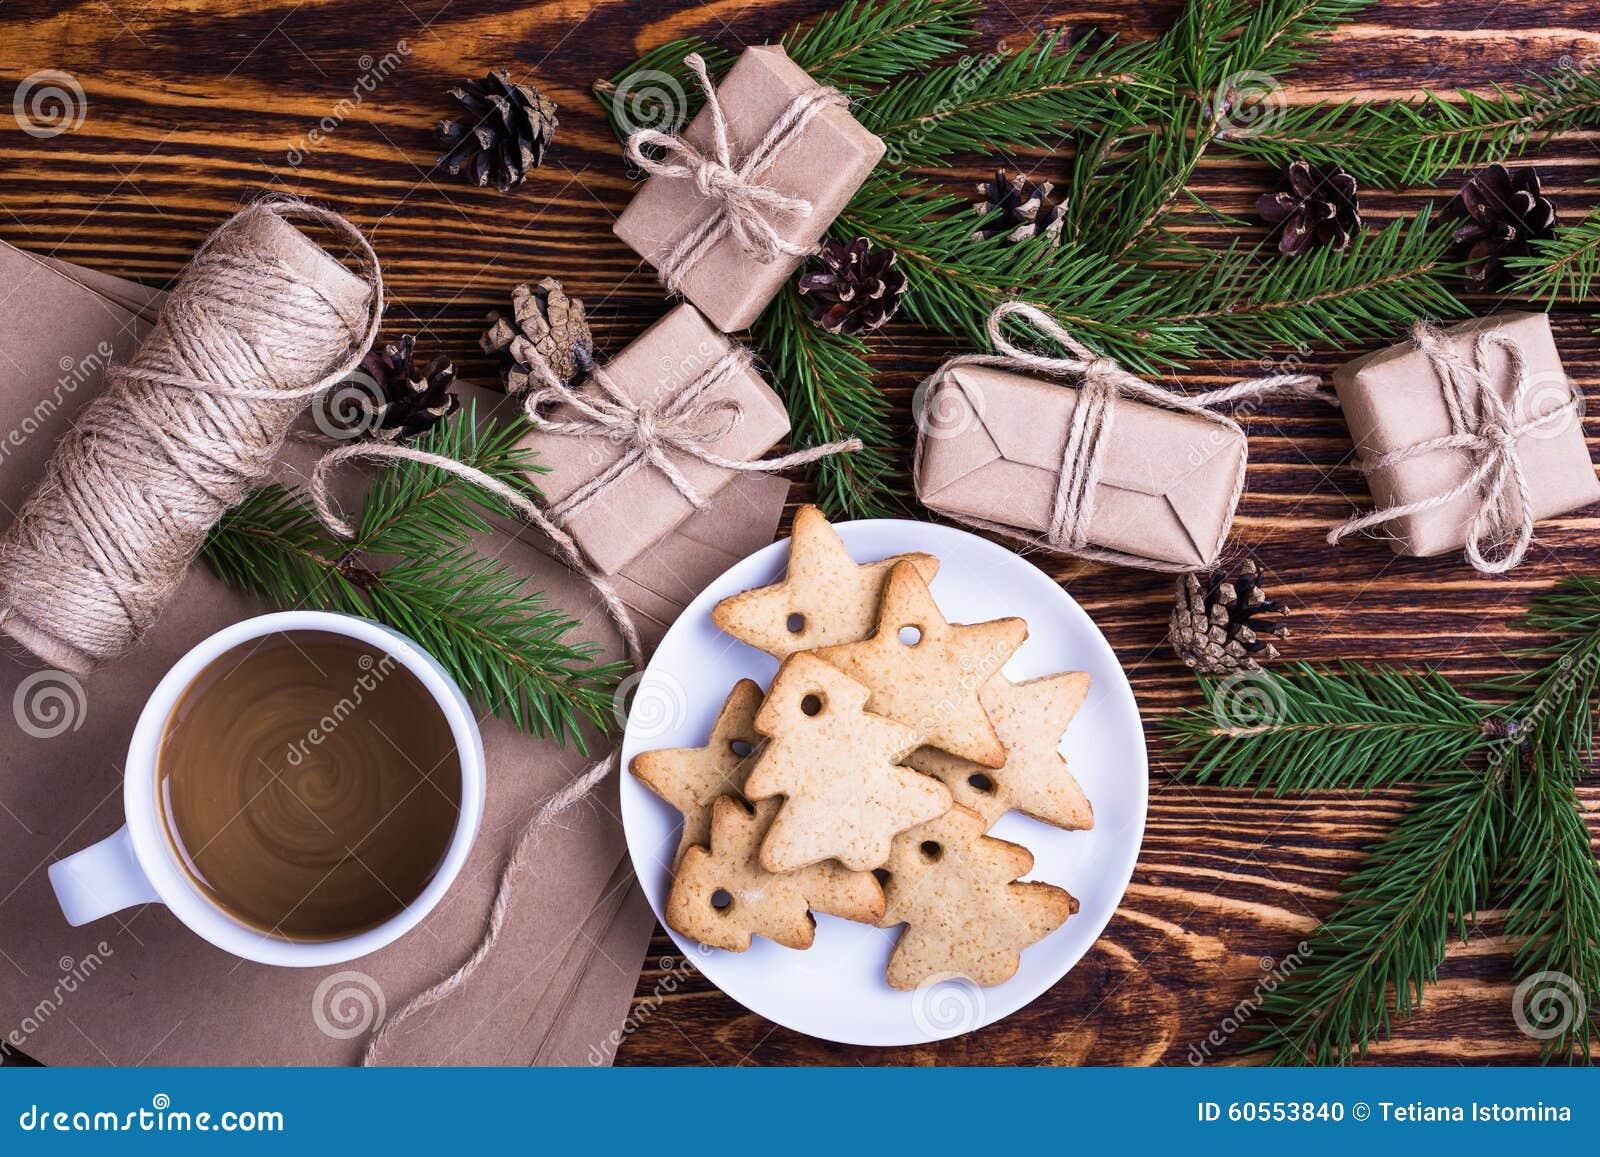 Υπόβαθρο διακοπών Χριστουγέννων με τα σπιτικά μπισκότα Χριστουγέννων, φλυτζάνι